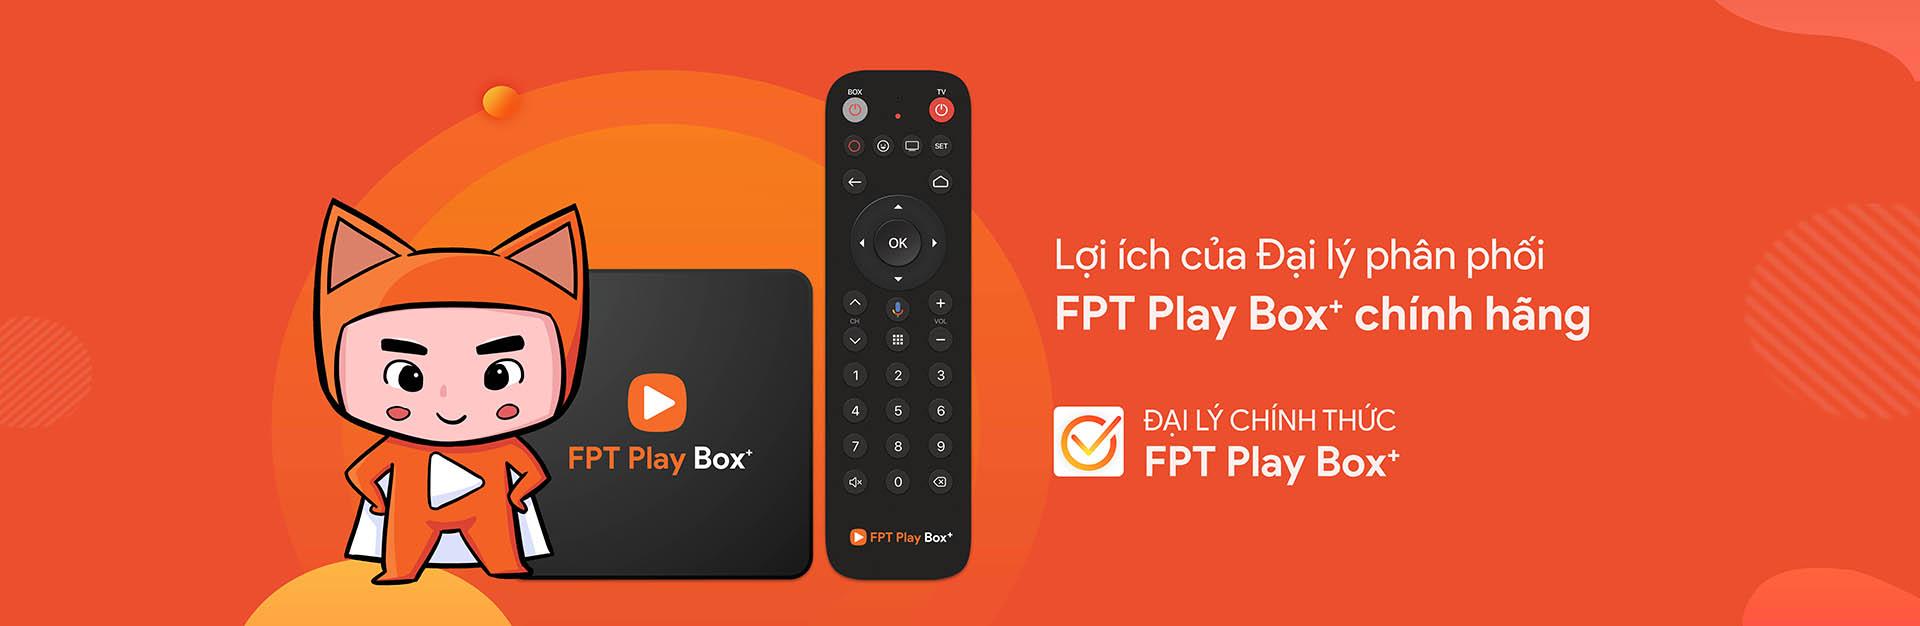 Tìm đại lý phân phối FPT PLAY BOX 2019 tại Vũng Tàu